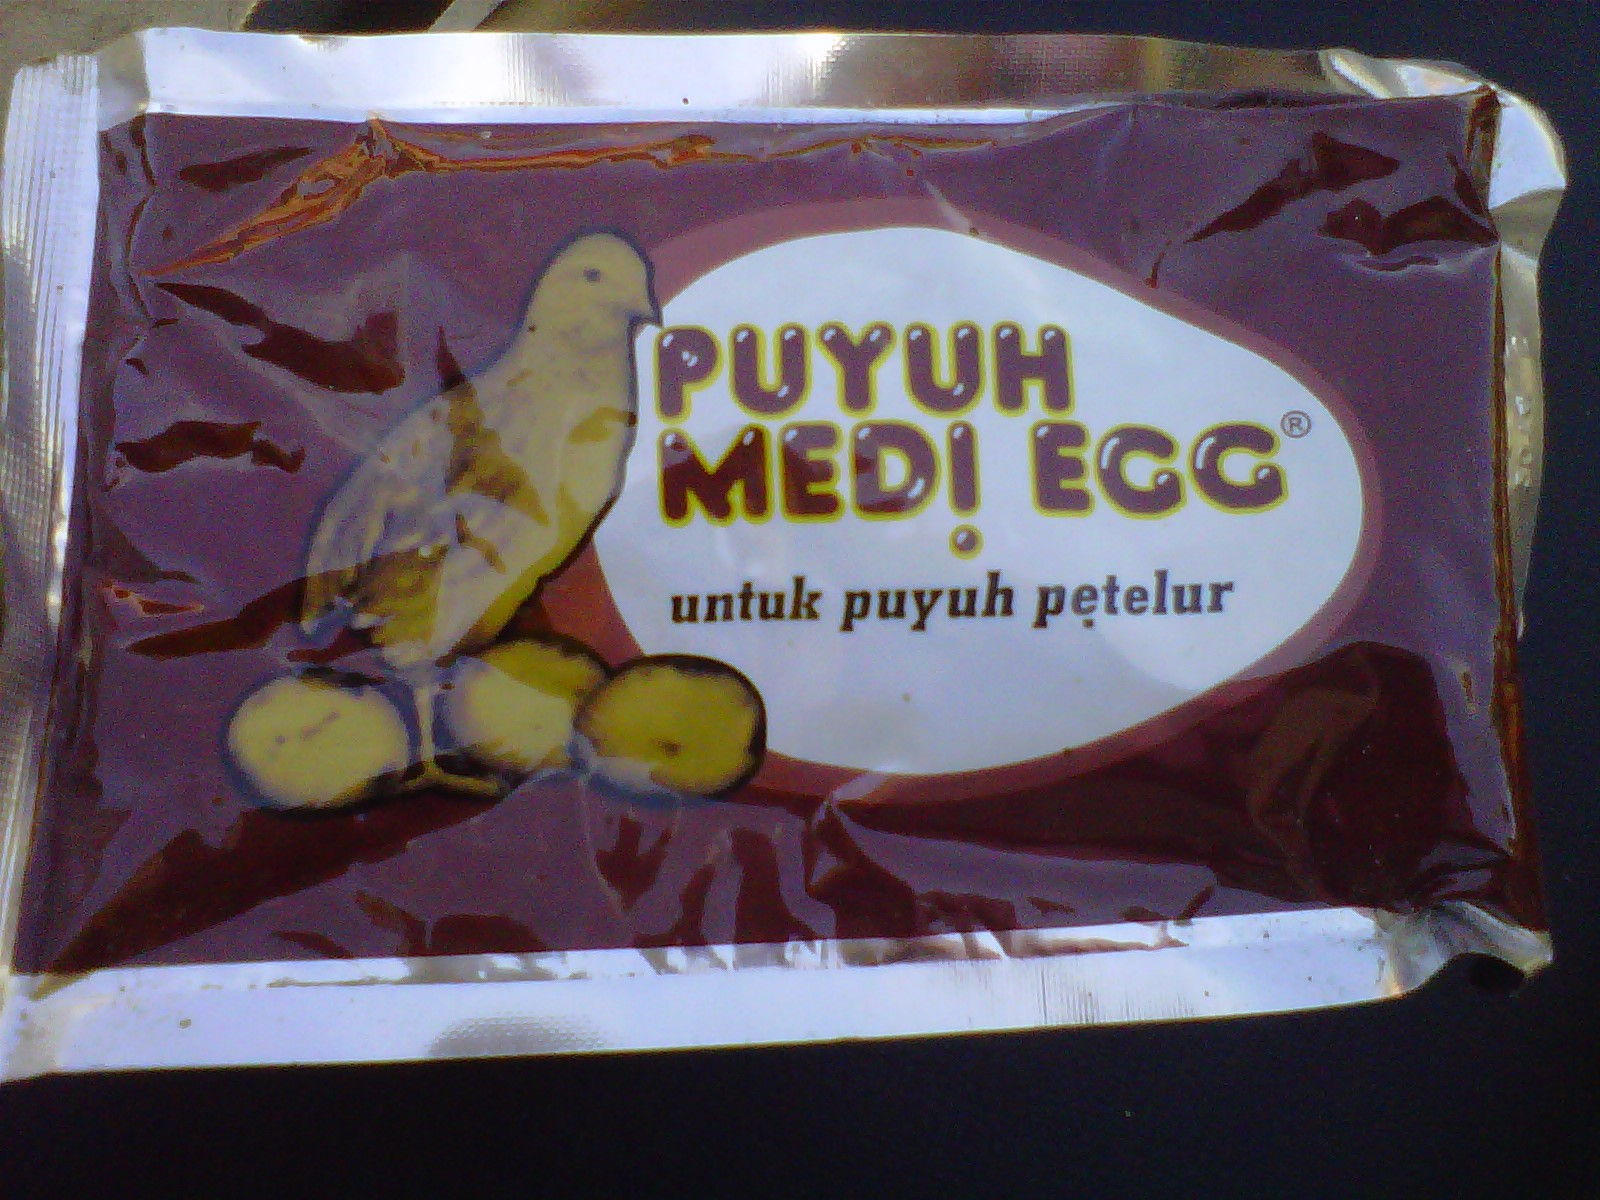 Jual Vitamin Ternak Ayam Petelur Produk Obat Unggas Besar Cacing Super Rontok 6